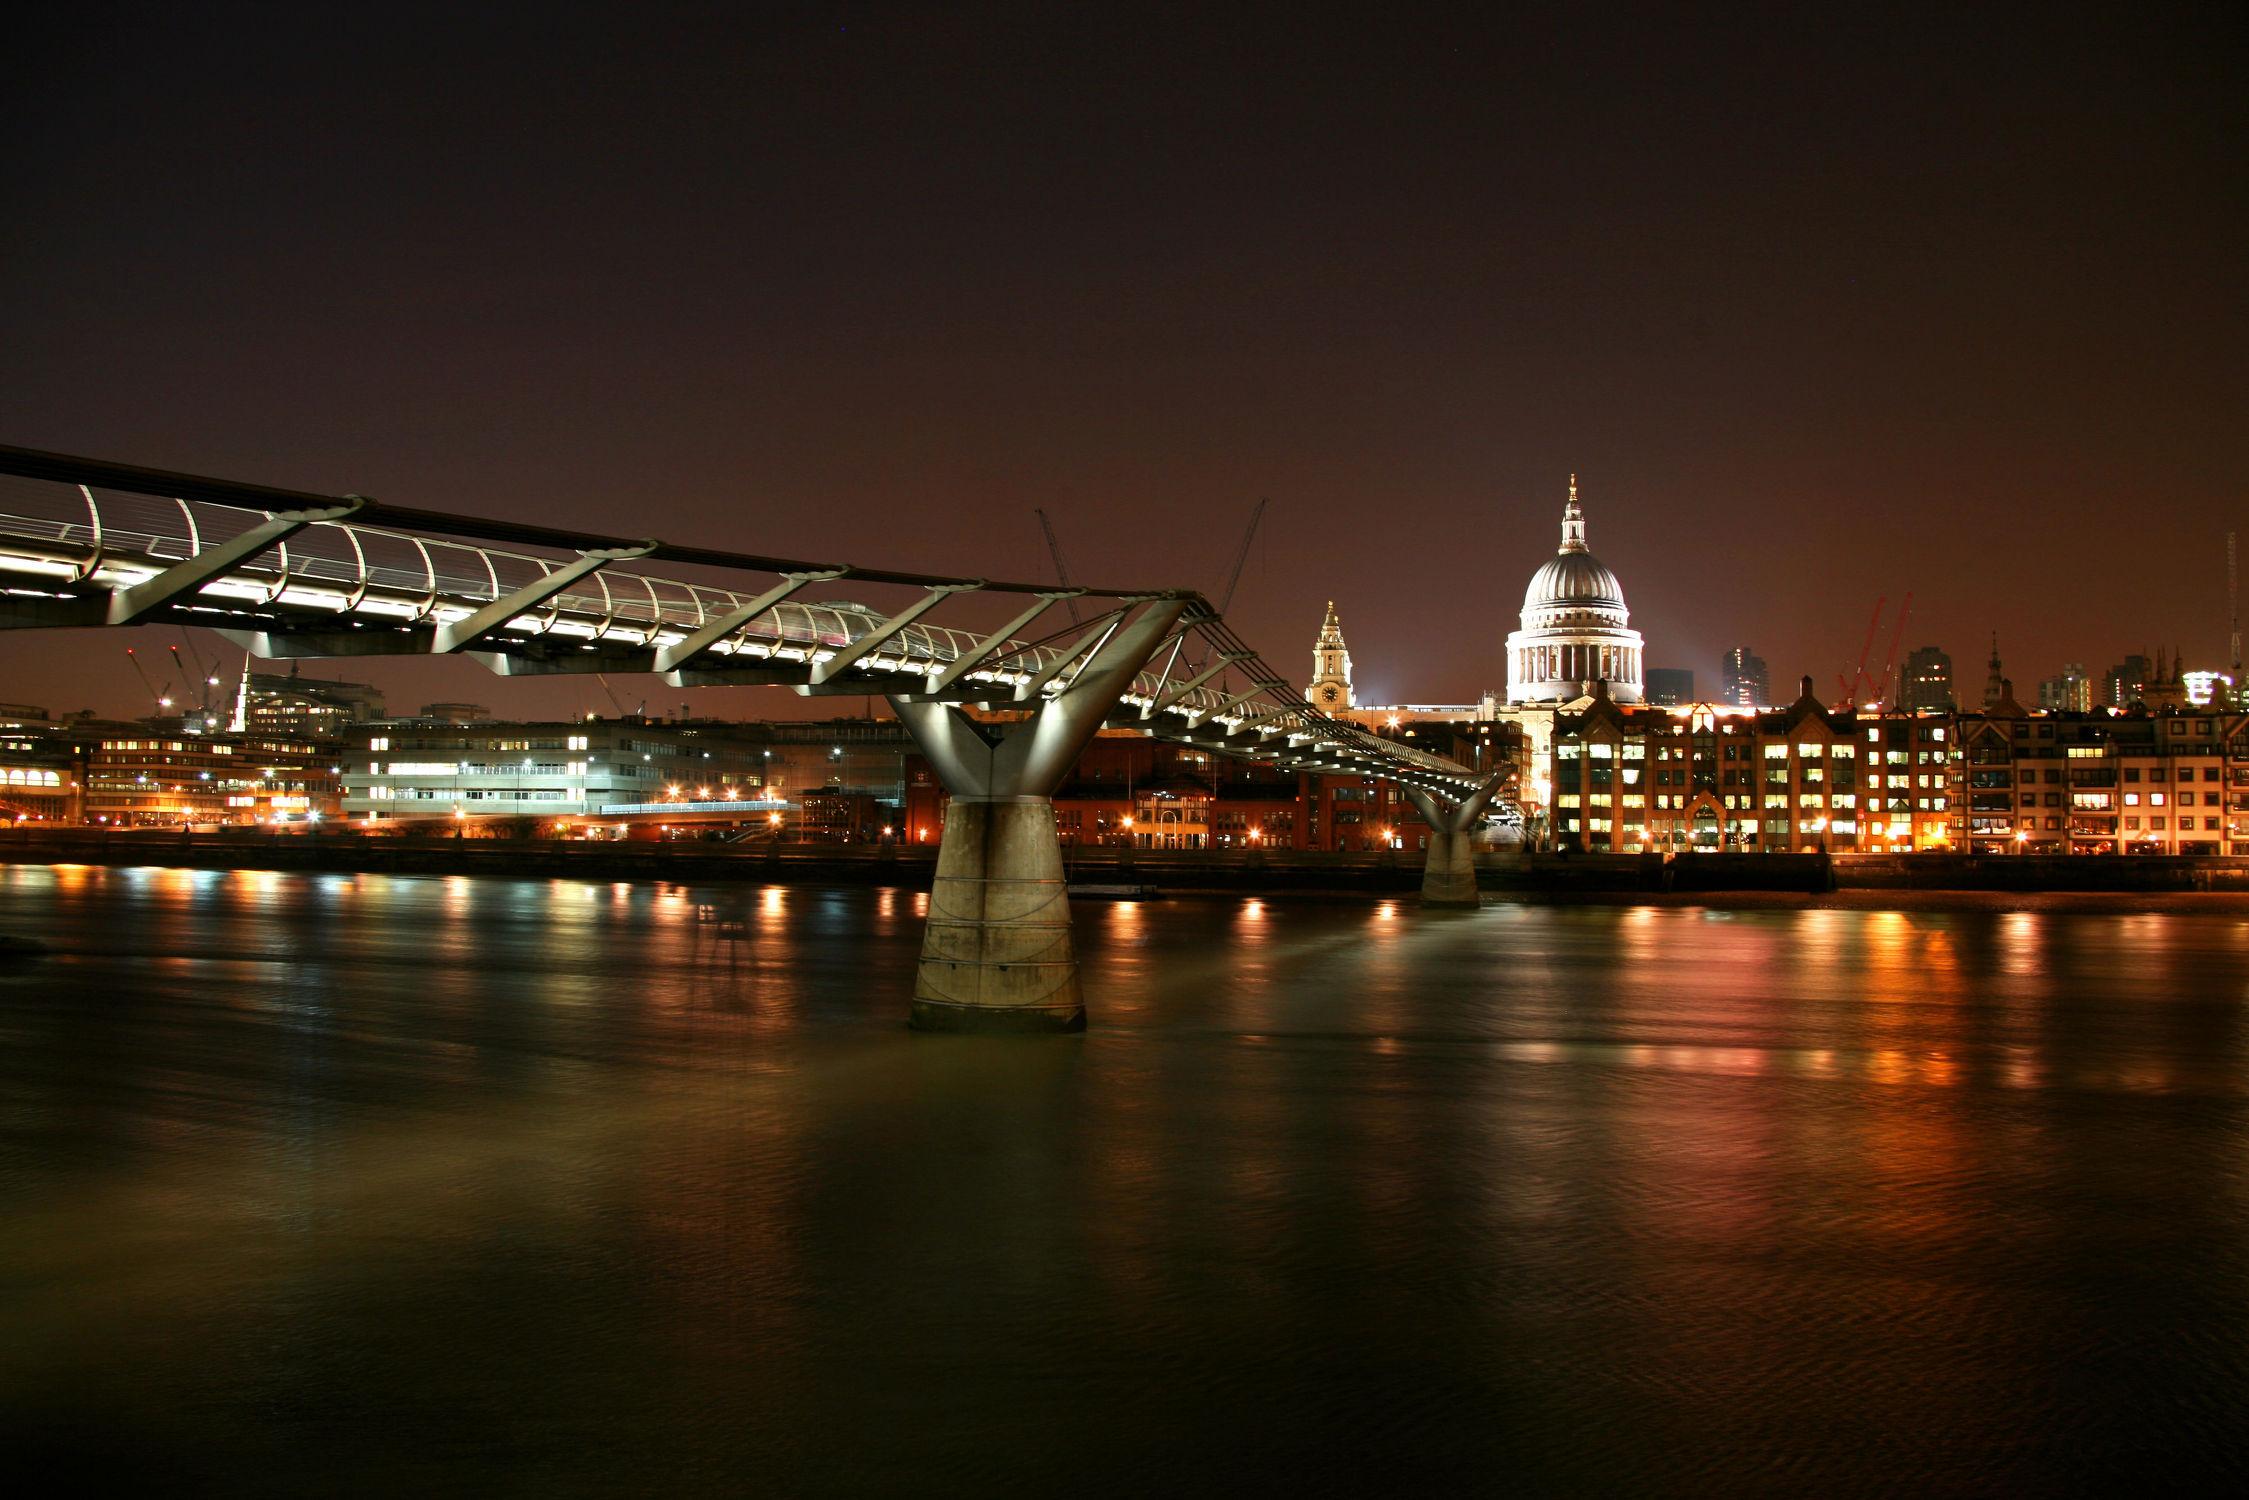 Bild mit Gebäude, Städte, Häuser, England, London, Stadt, London Bridge, City, Nachtaufnahmen, Nacht, Skyline, hochhaus, wolkenkratzer, Hochhäuser, Stadtleben, night